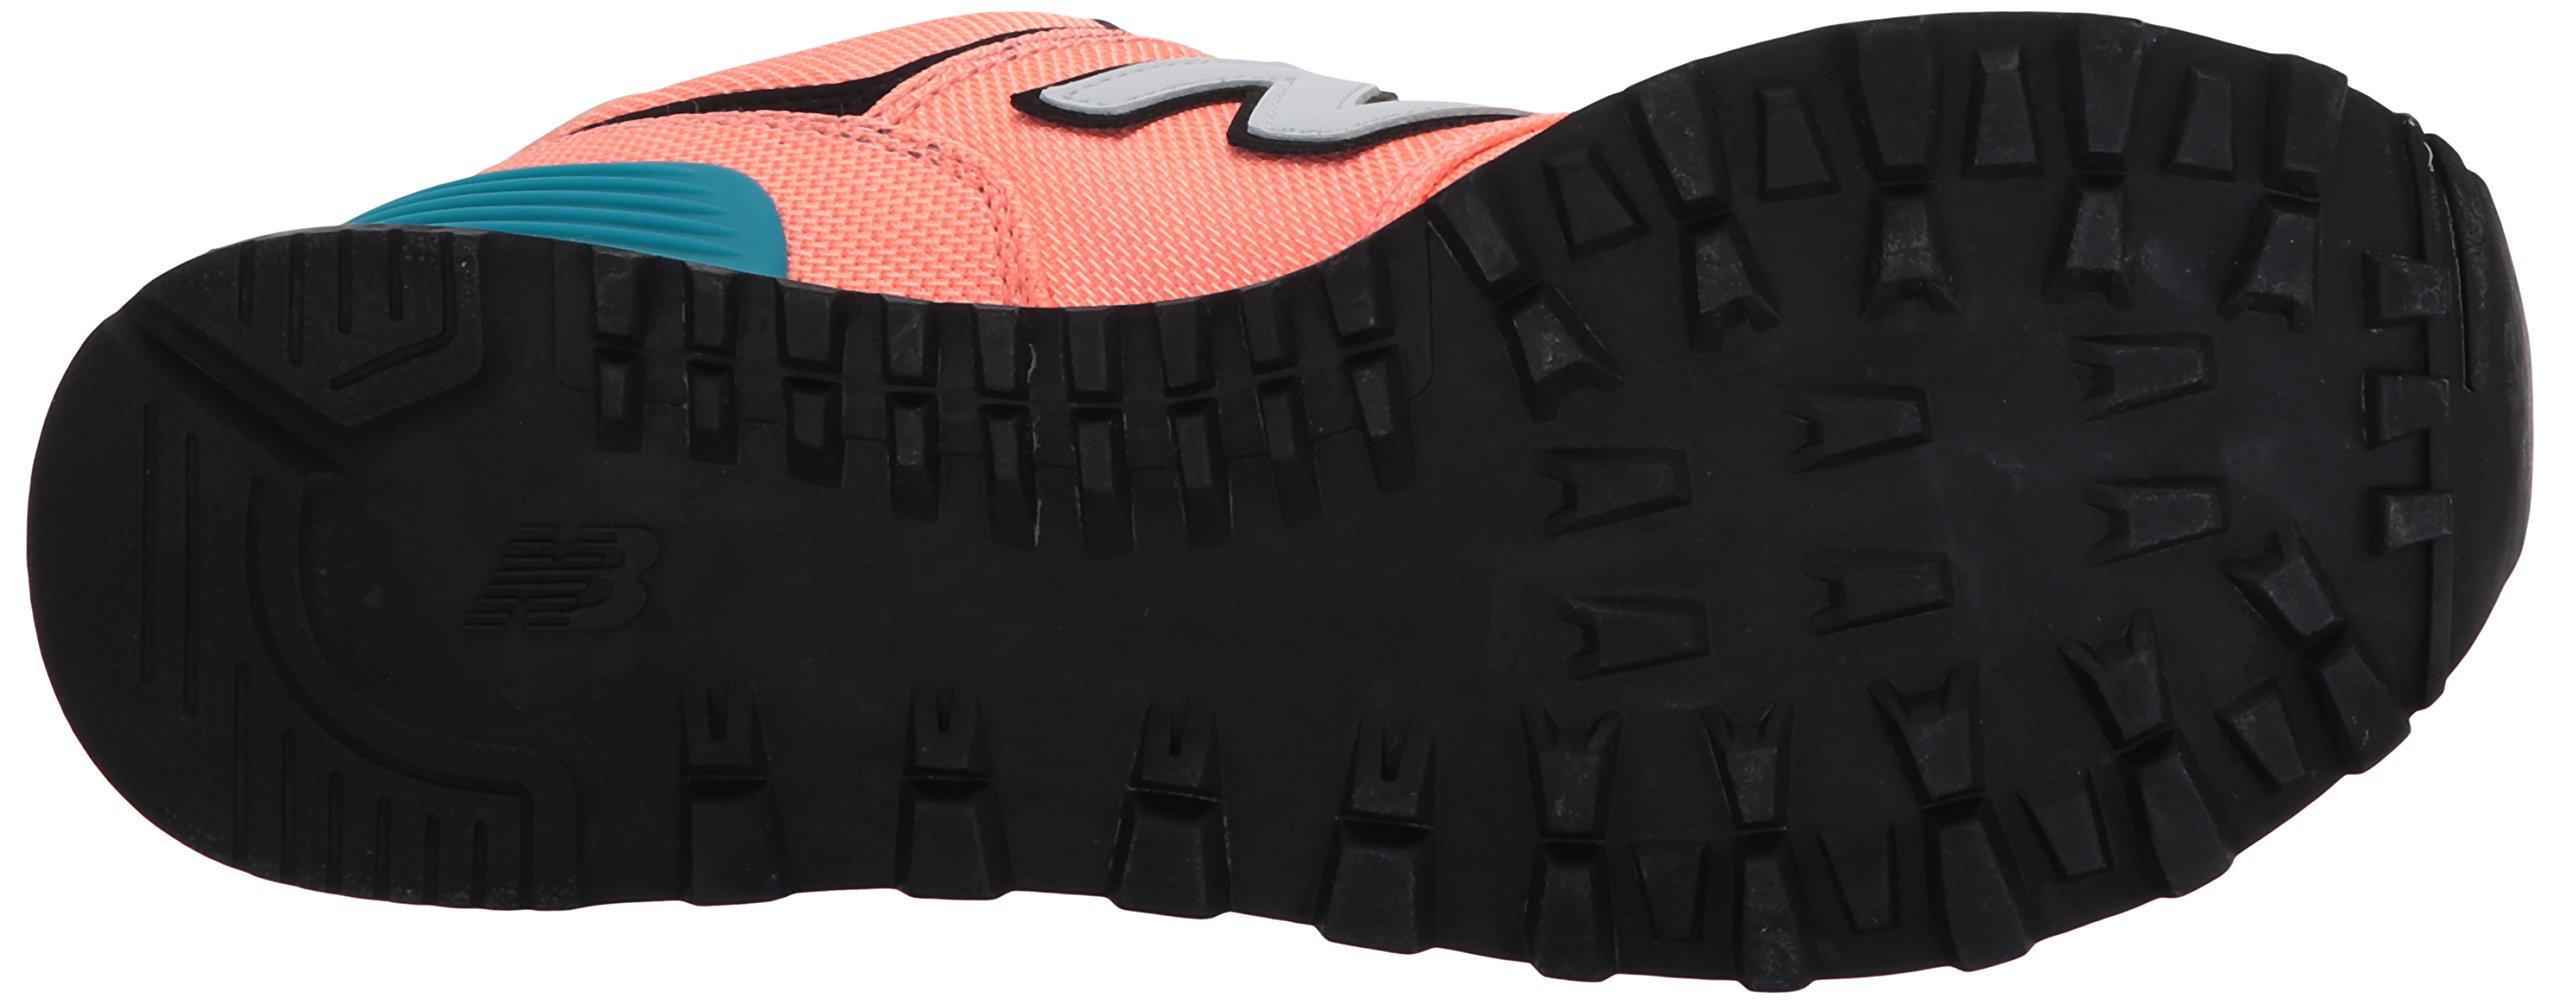 9c824214796fc Details about New Balance Women's 574V1 Art School Sneaker, Blea - Choose  SZ/color